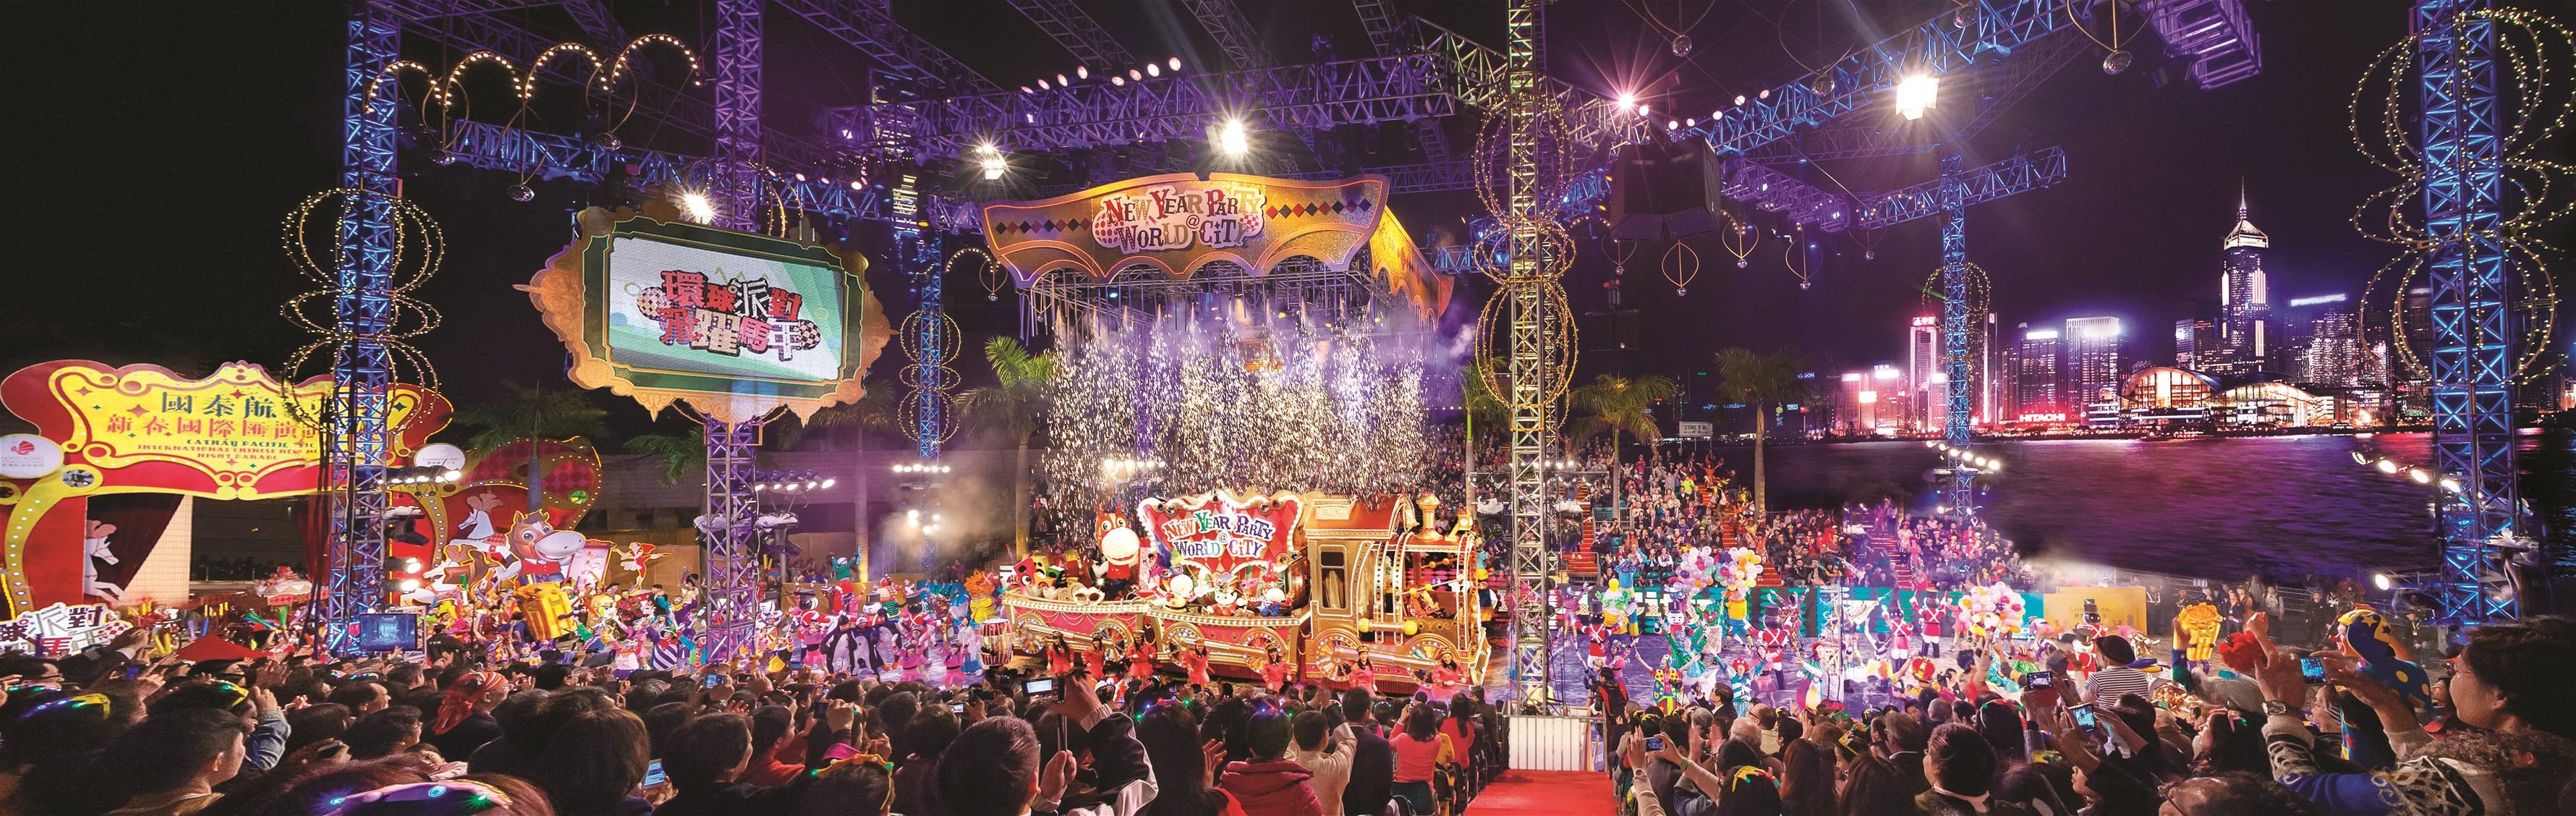 香港の旧正月に行われている「旧正月ナイト・パレード」が想像以上の規模だった!